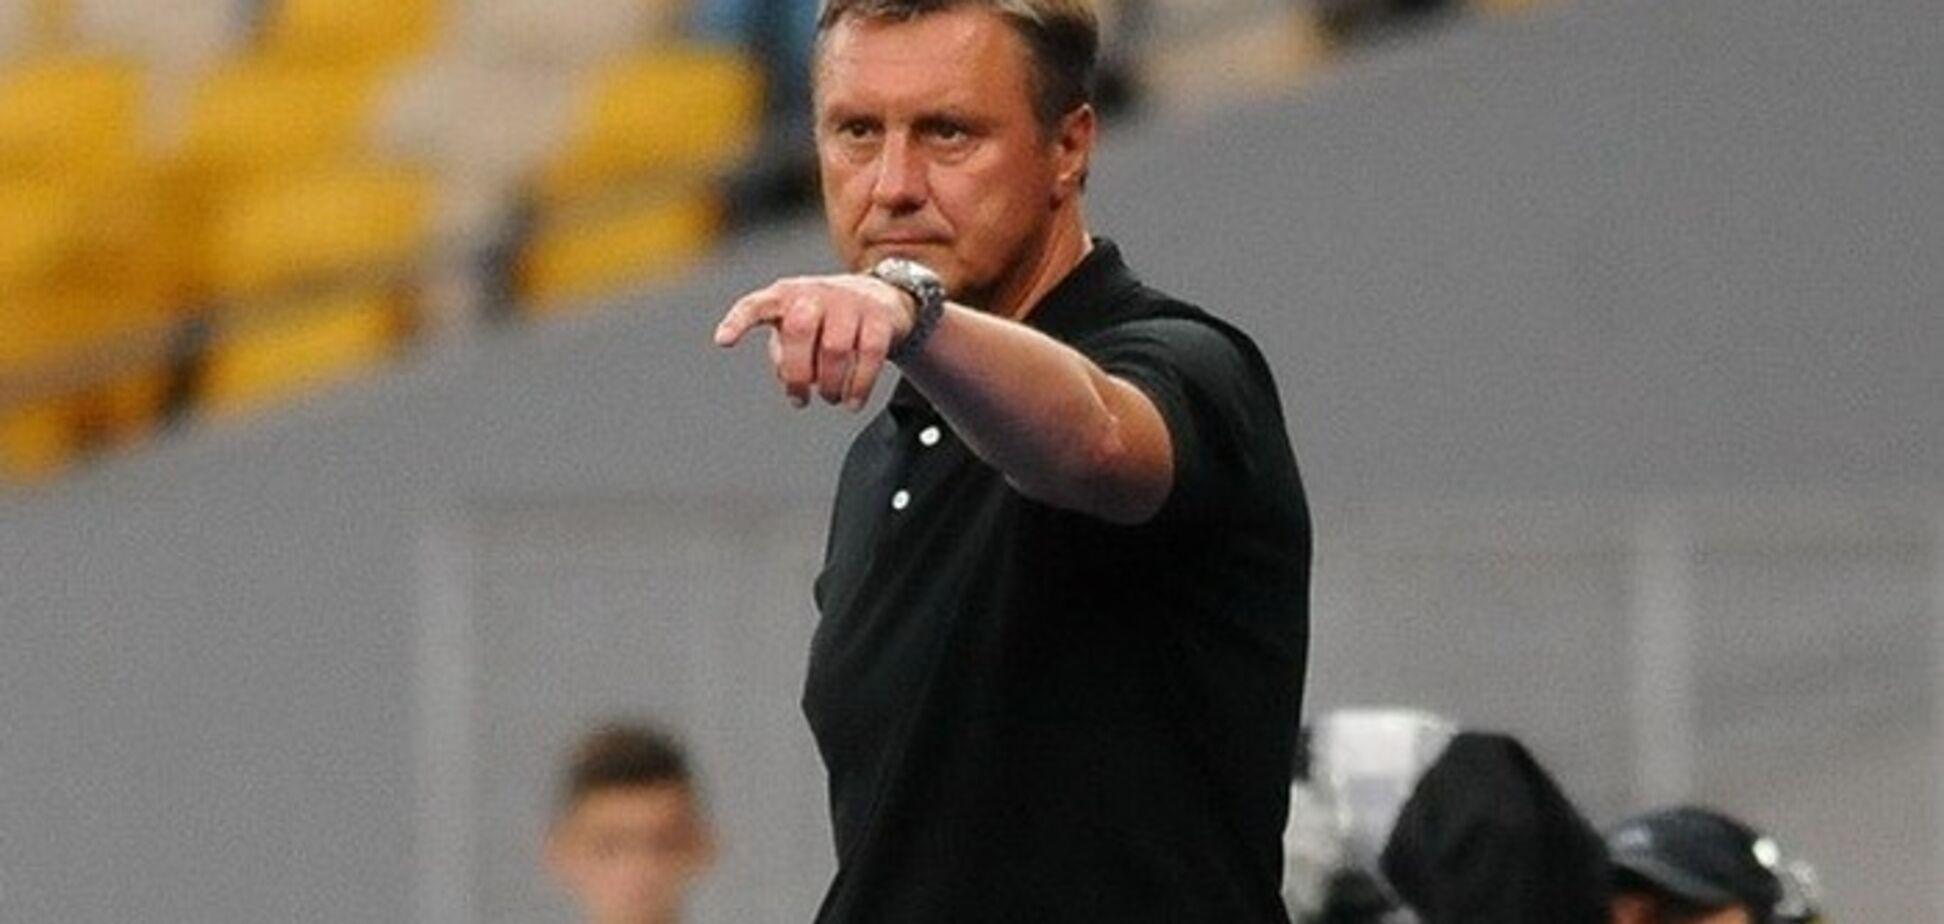 'Это трагедия': Хацкевич откровенно рассказал о состоянии футболистов 'Динамо' после вылета из Лиги чемпионов